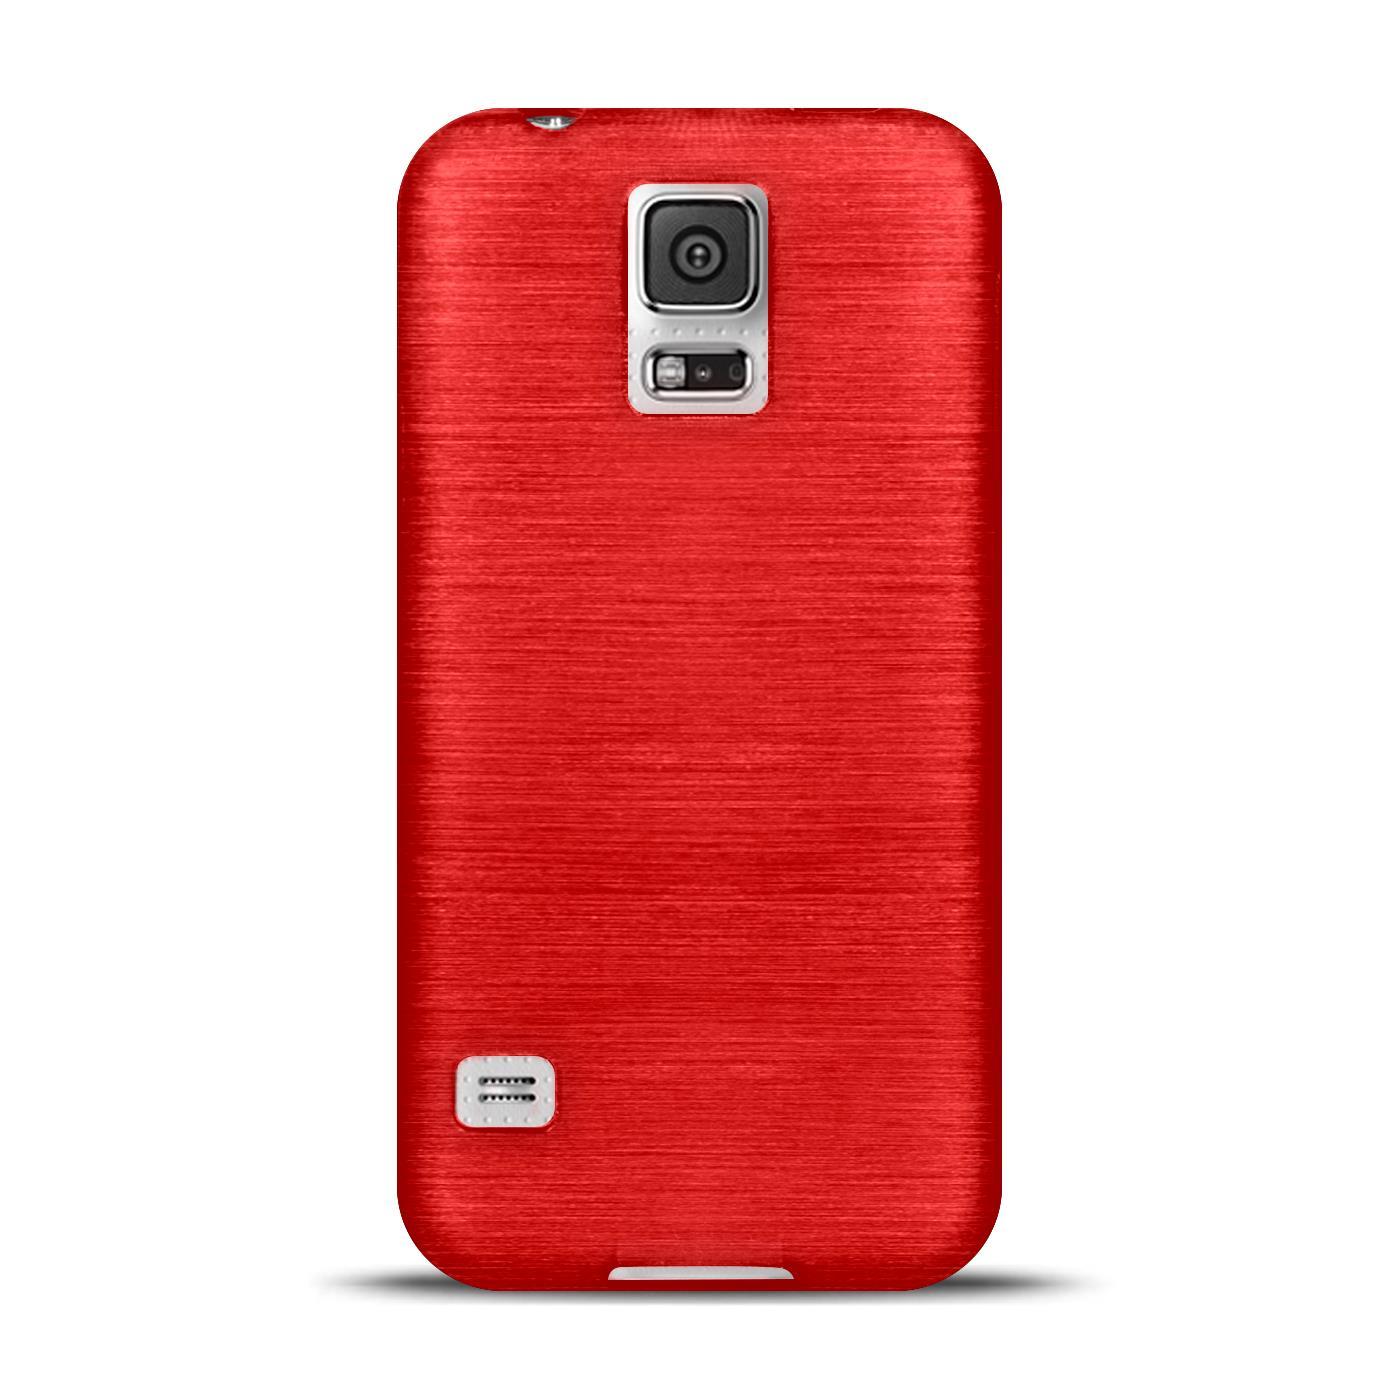 Silikon-Bumper-Case-Samsung-Galaxy-s5-Neo-duenne-ultra-slim-Stossfeste-Rueckschale Indexbild 34